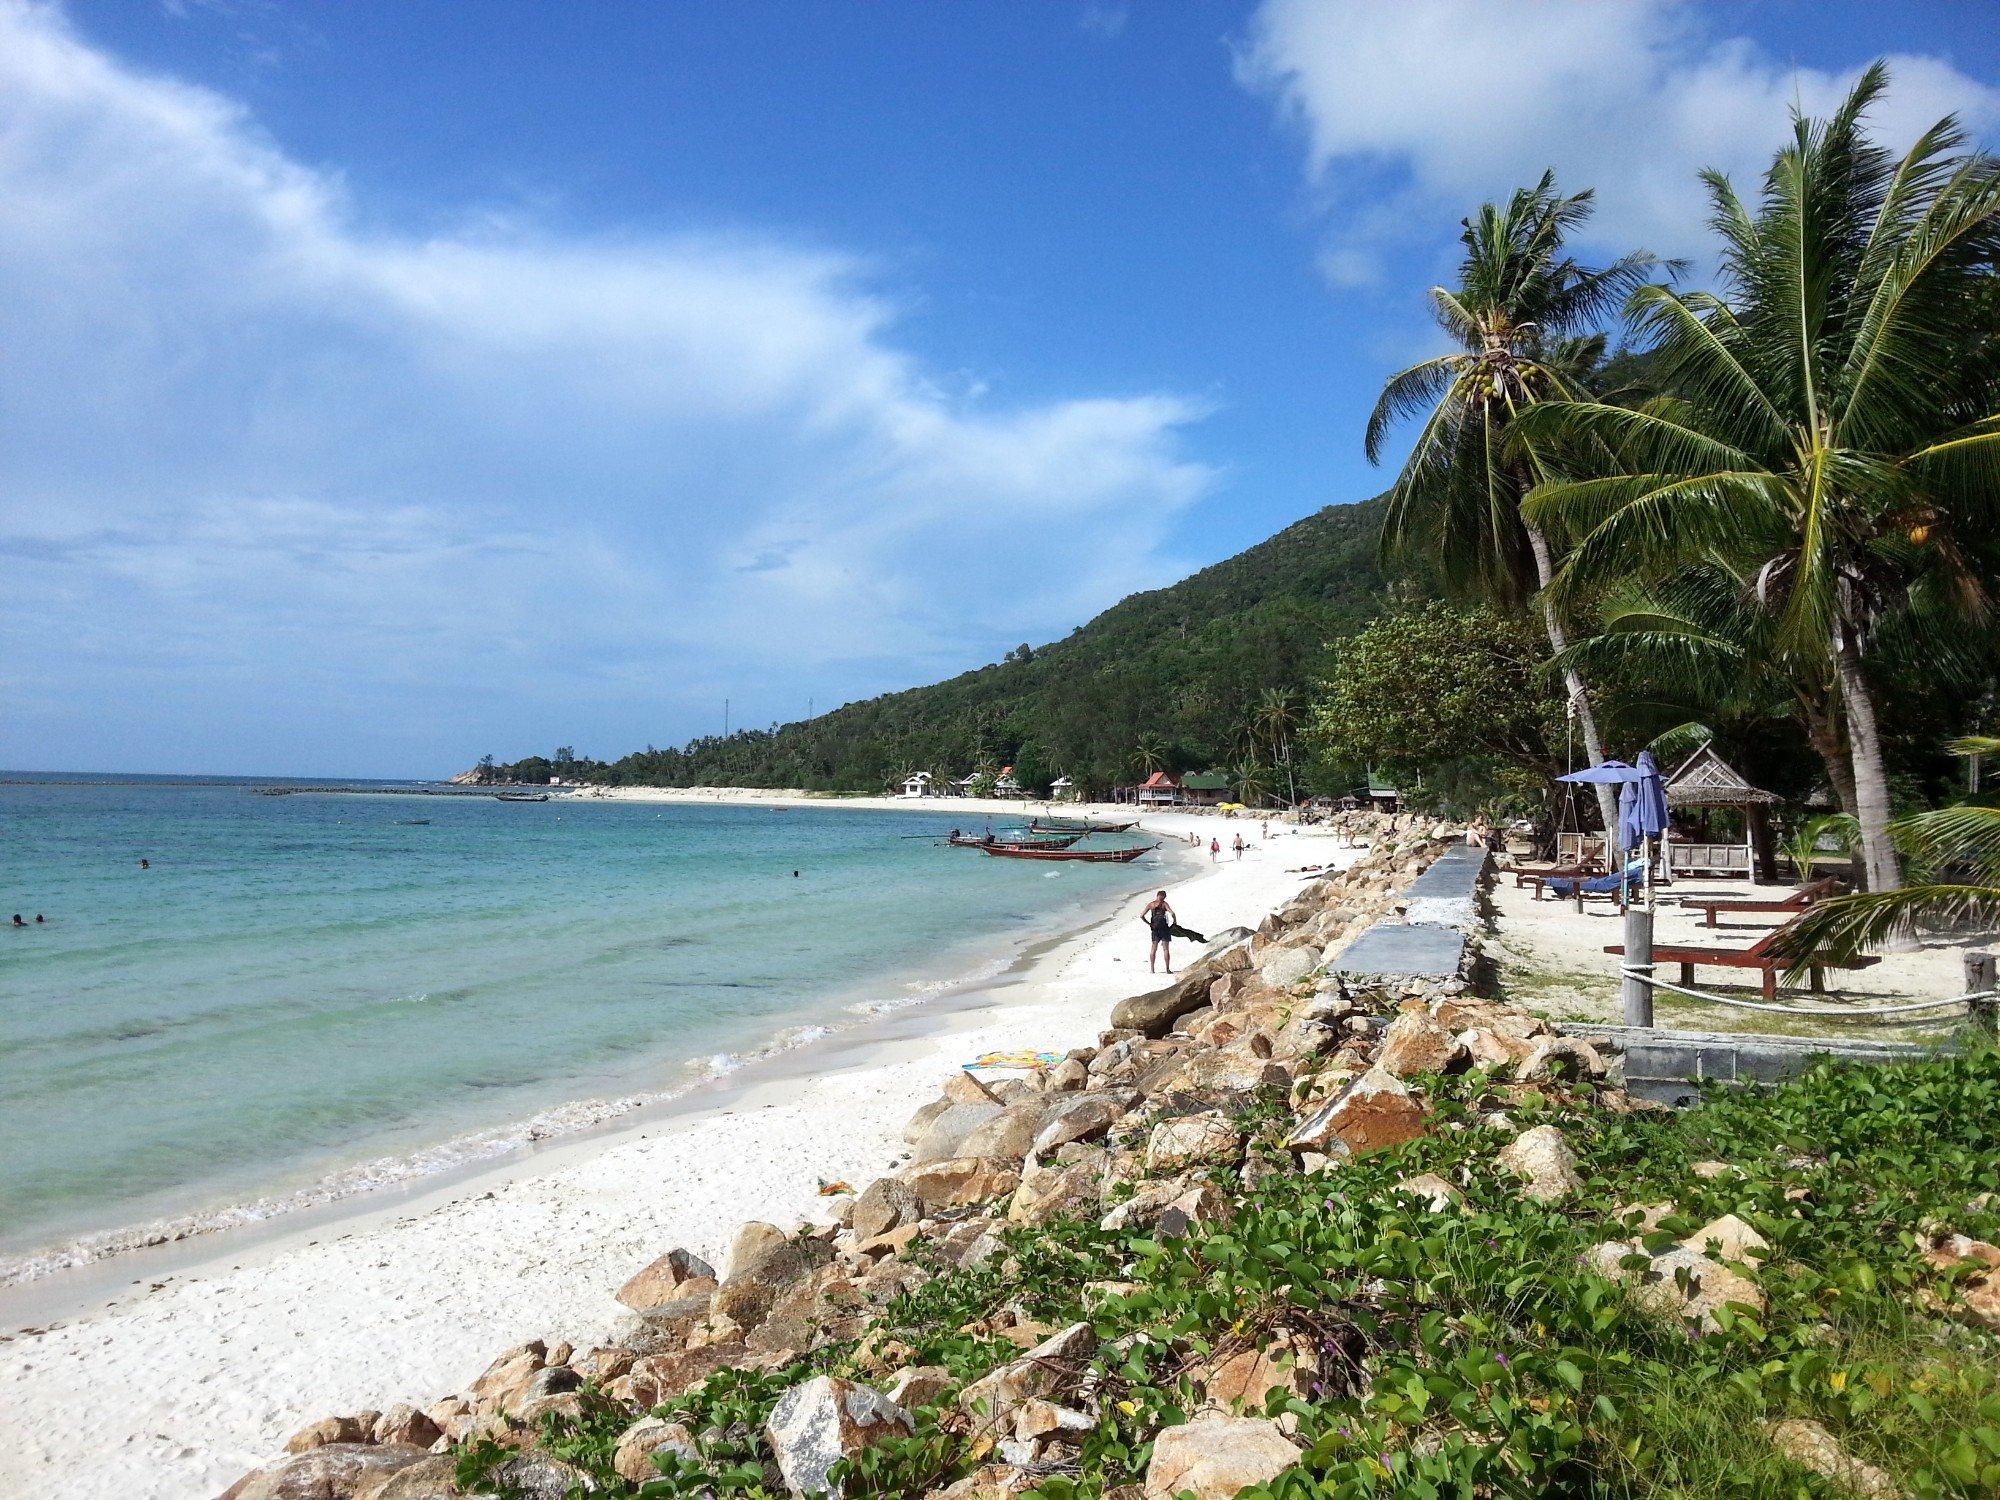 Chalokulum Beach in Koh Phangan